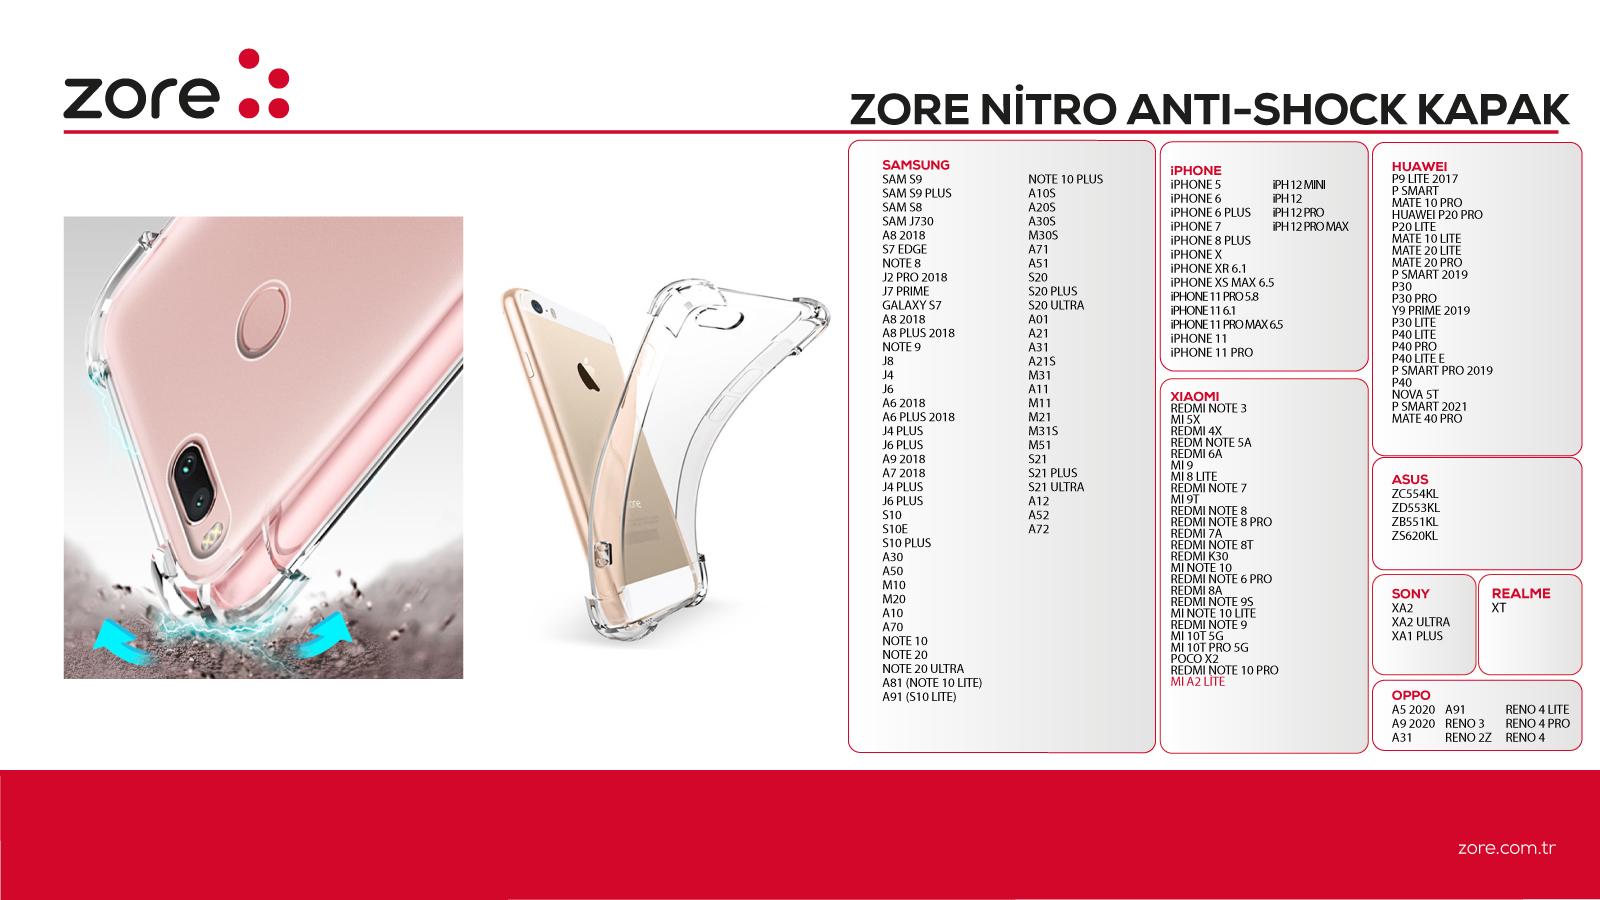 nitro antishock.jpg (494 KB)